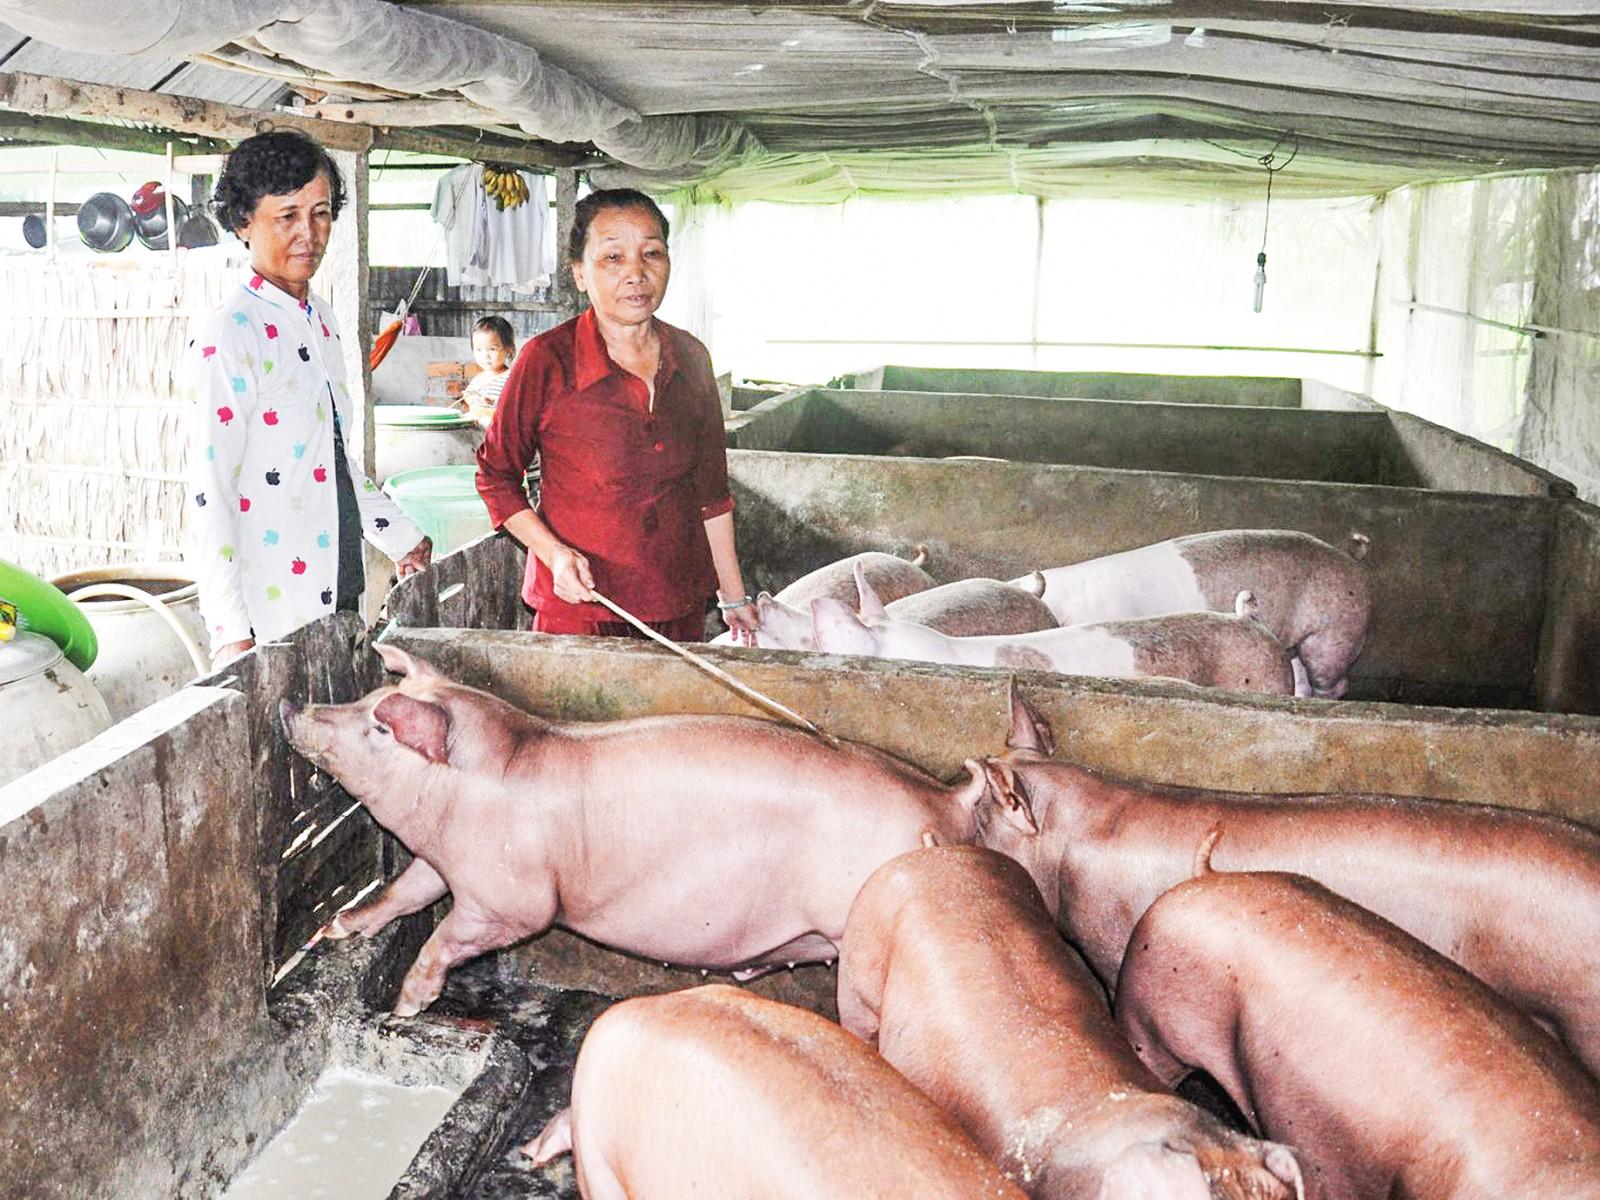 Đàn heo nuôi tại hộ gia đình trên địa bàn huyện Cờ Đỏ được chăm sóc tốt, an toàn trước bệnh dịch...